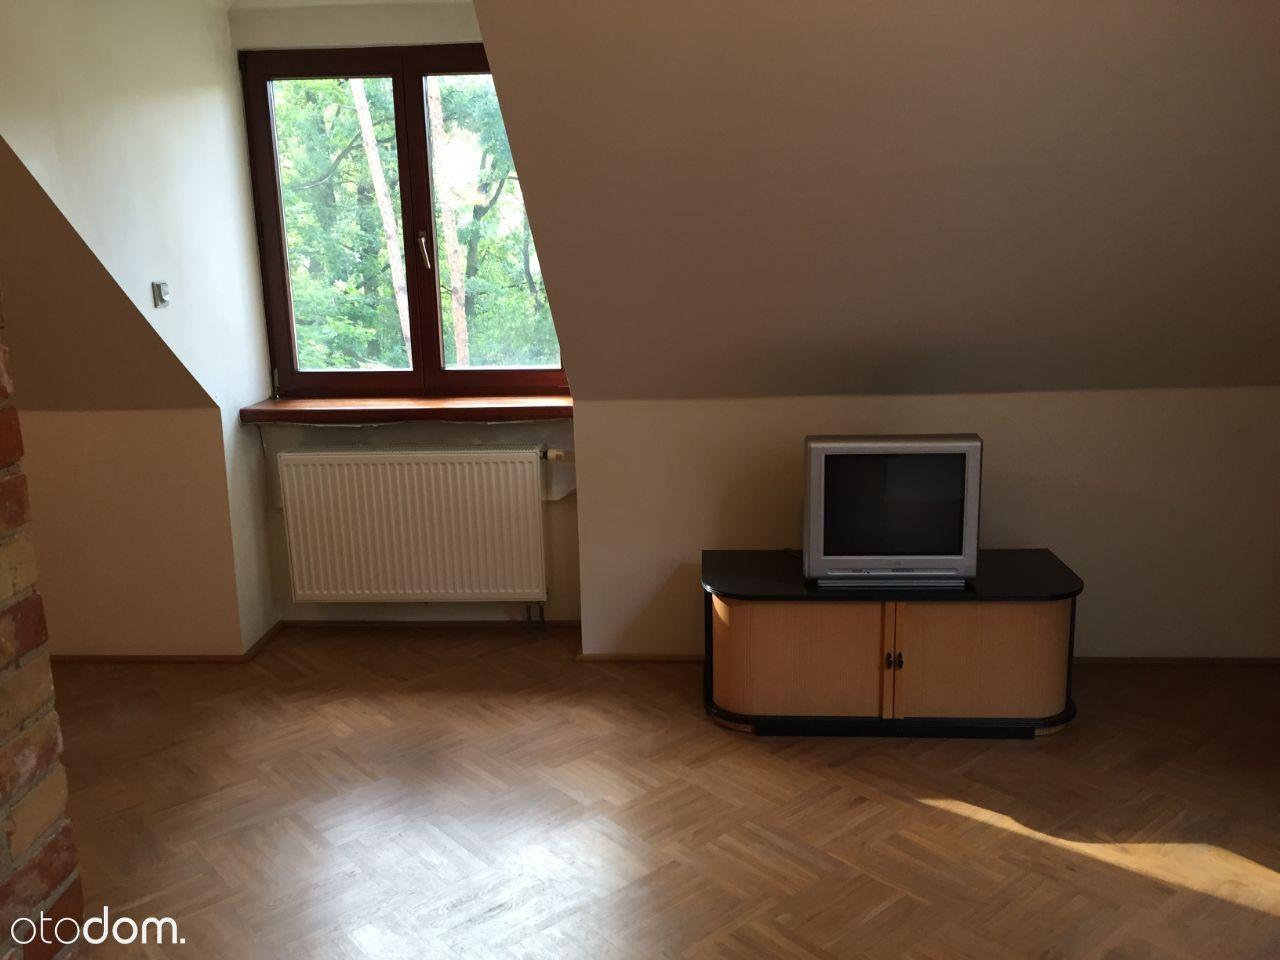 Pokój na wynajem, Piaseczno, Zalesie Dolne - Foto 5